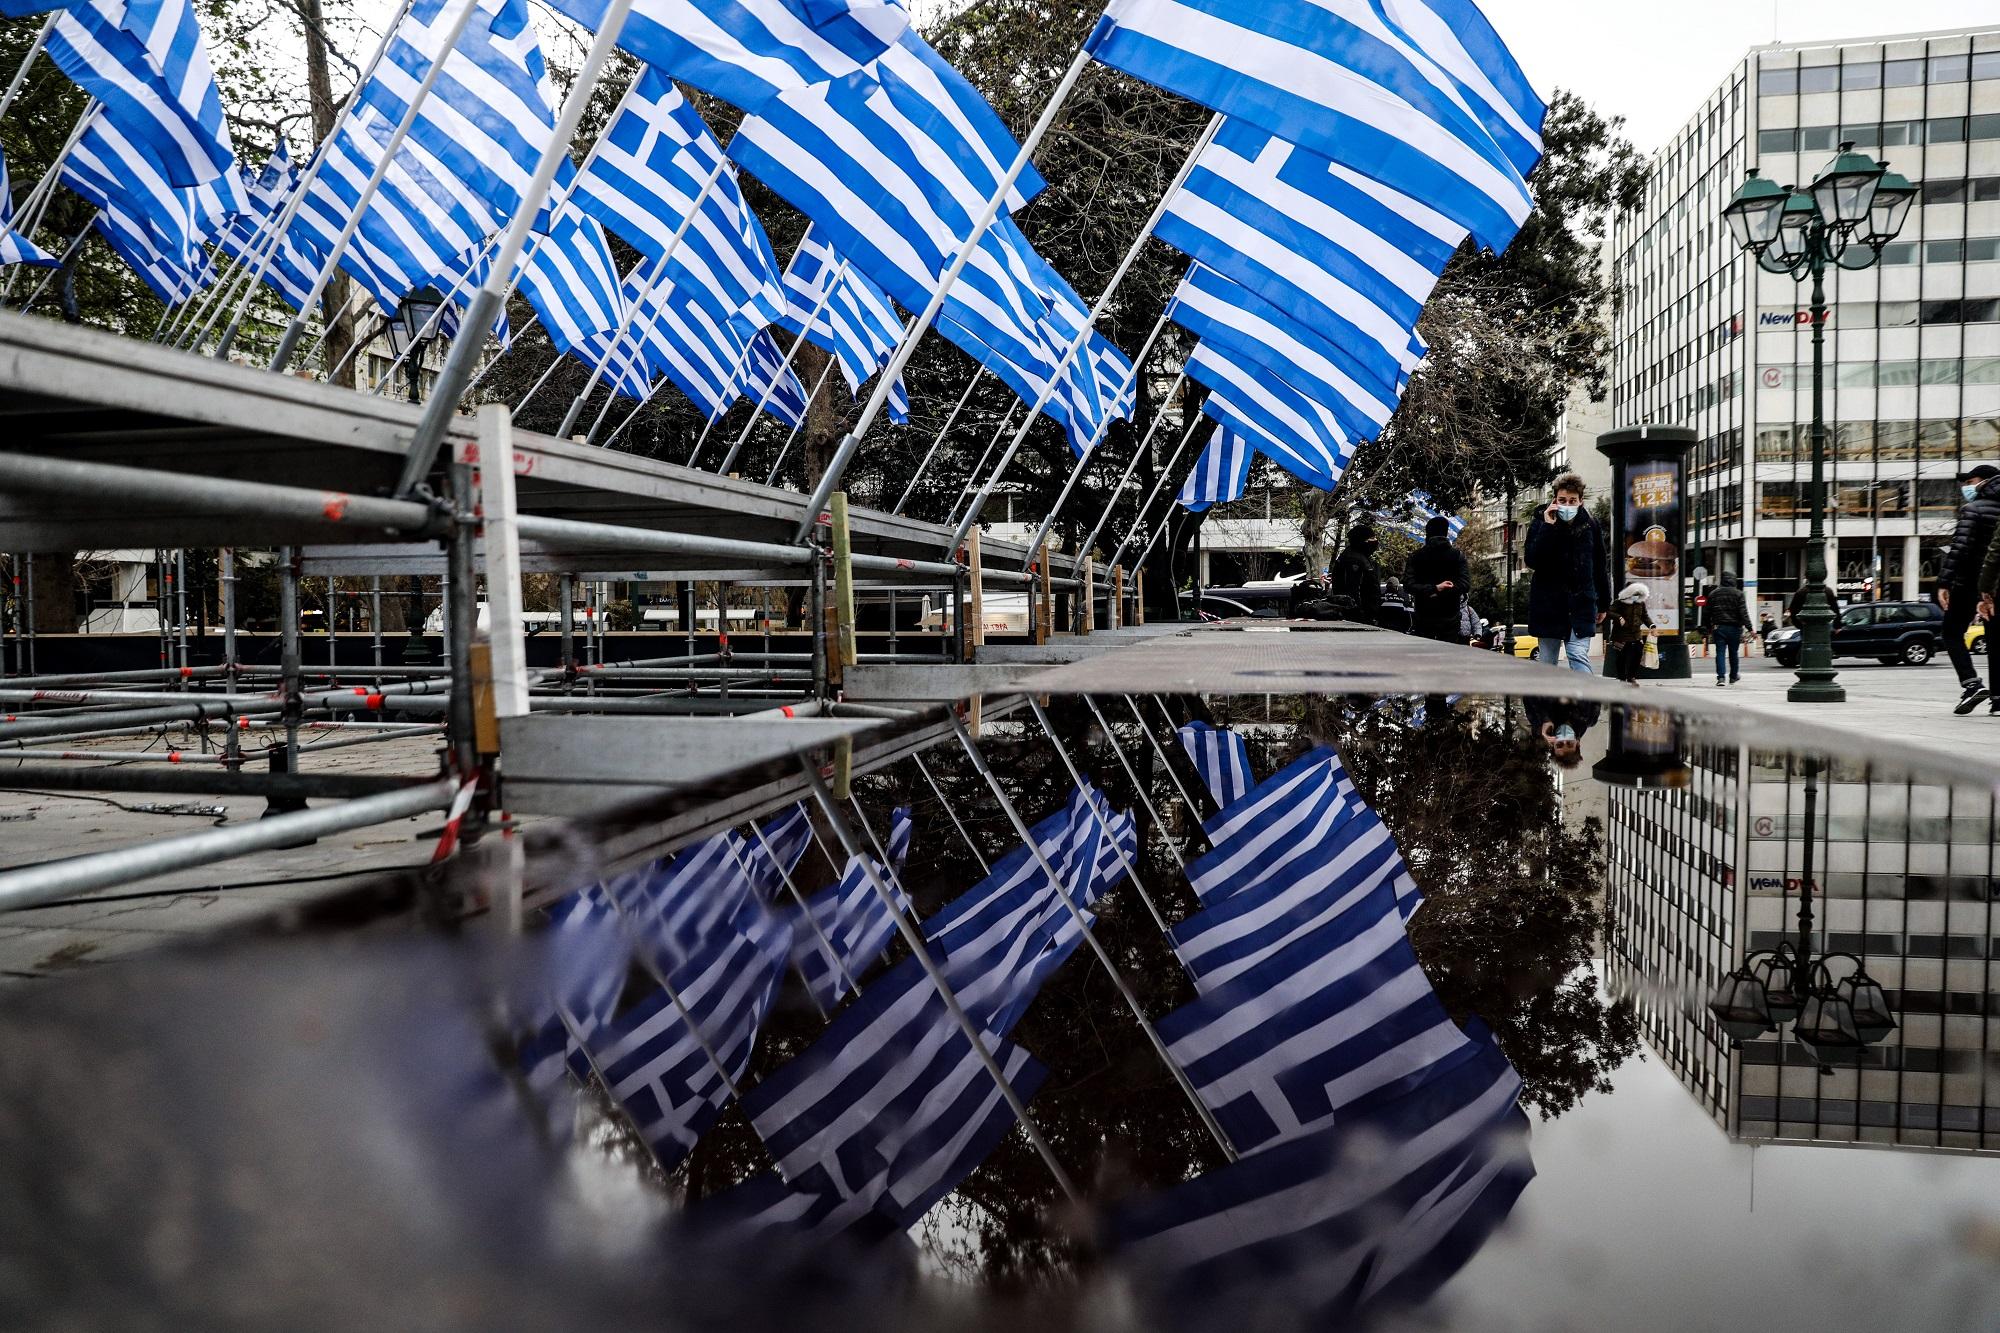 Εορτασμός για τα 200 χρόνια της Ελληνικής Επανάστασης – Ποιοι δρόμοι κλείνουν - ertnews.gr